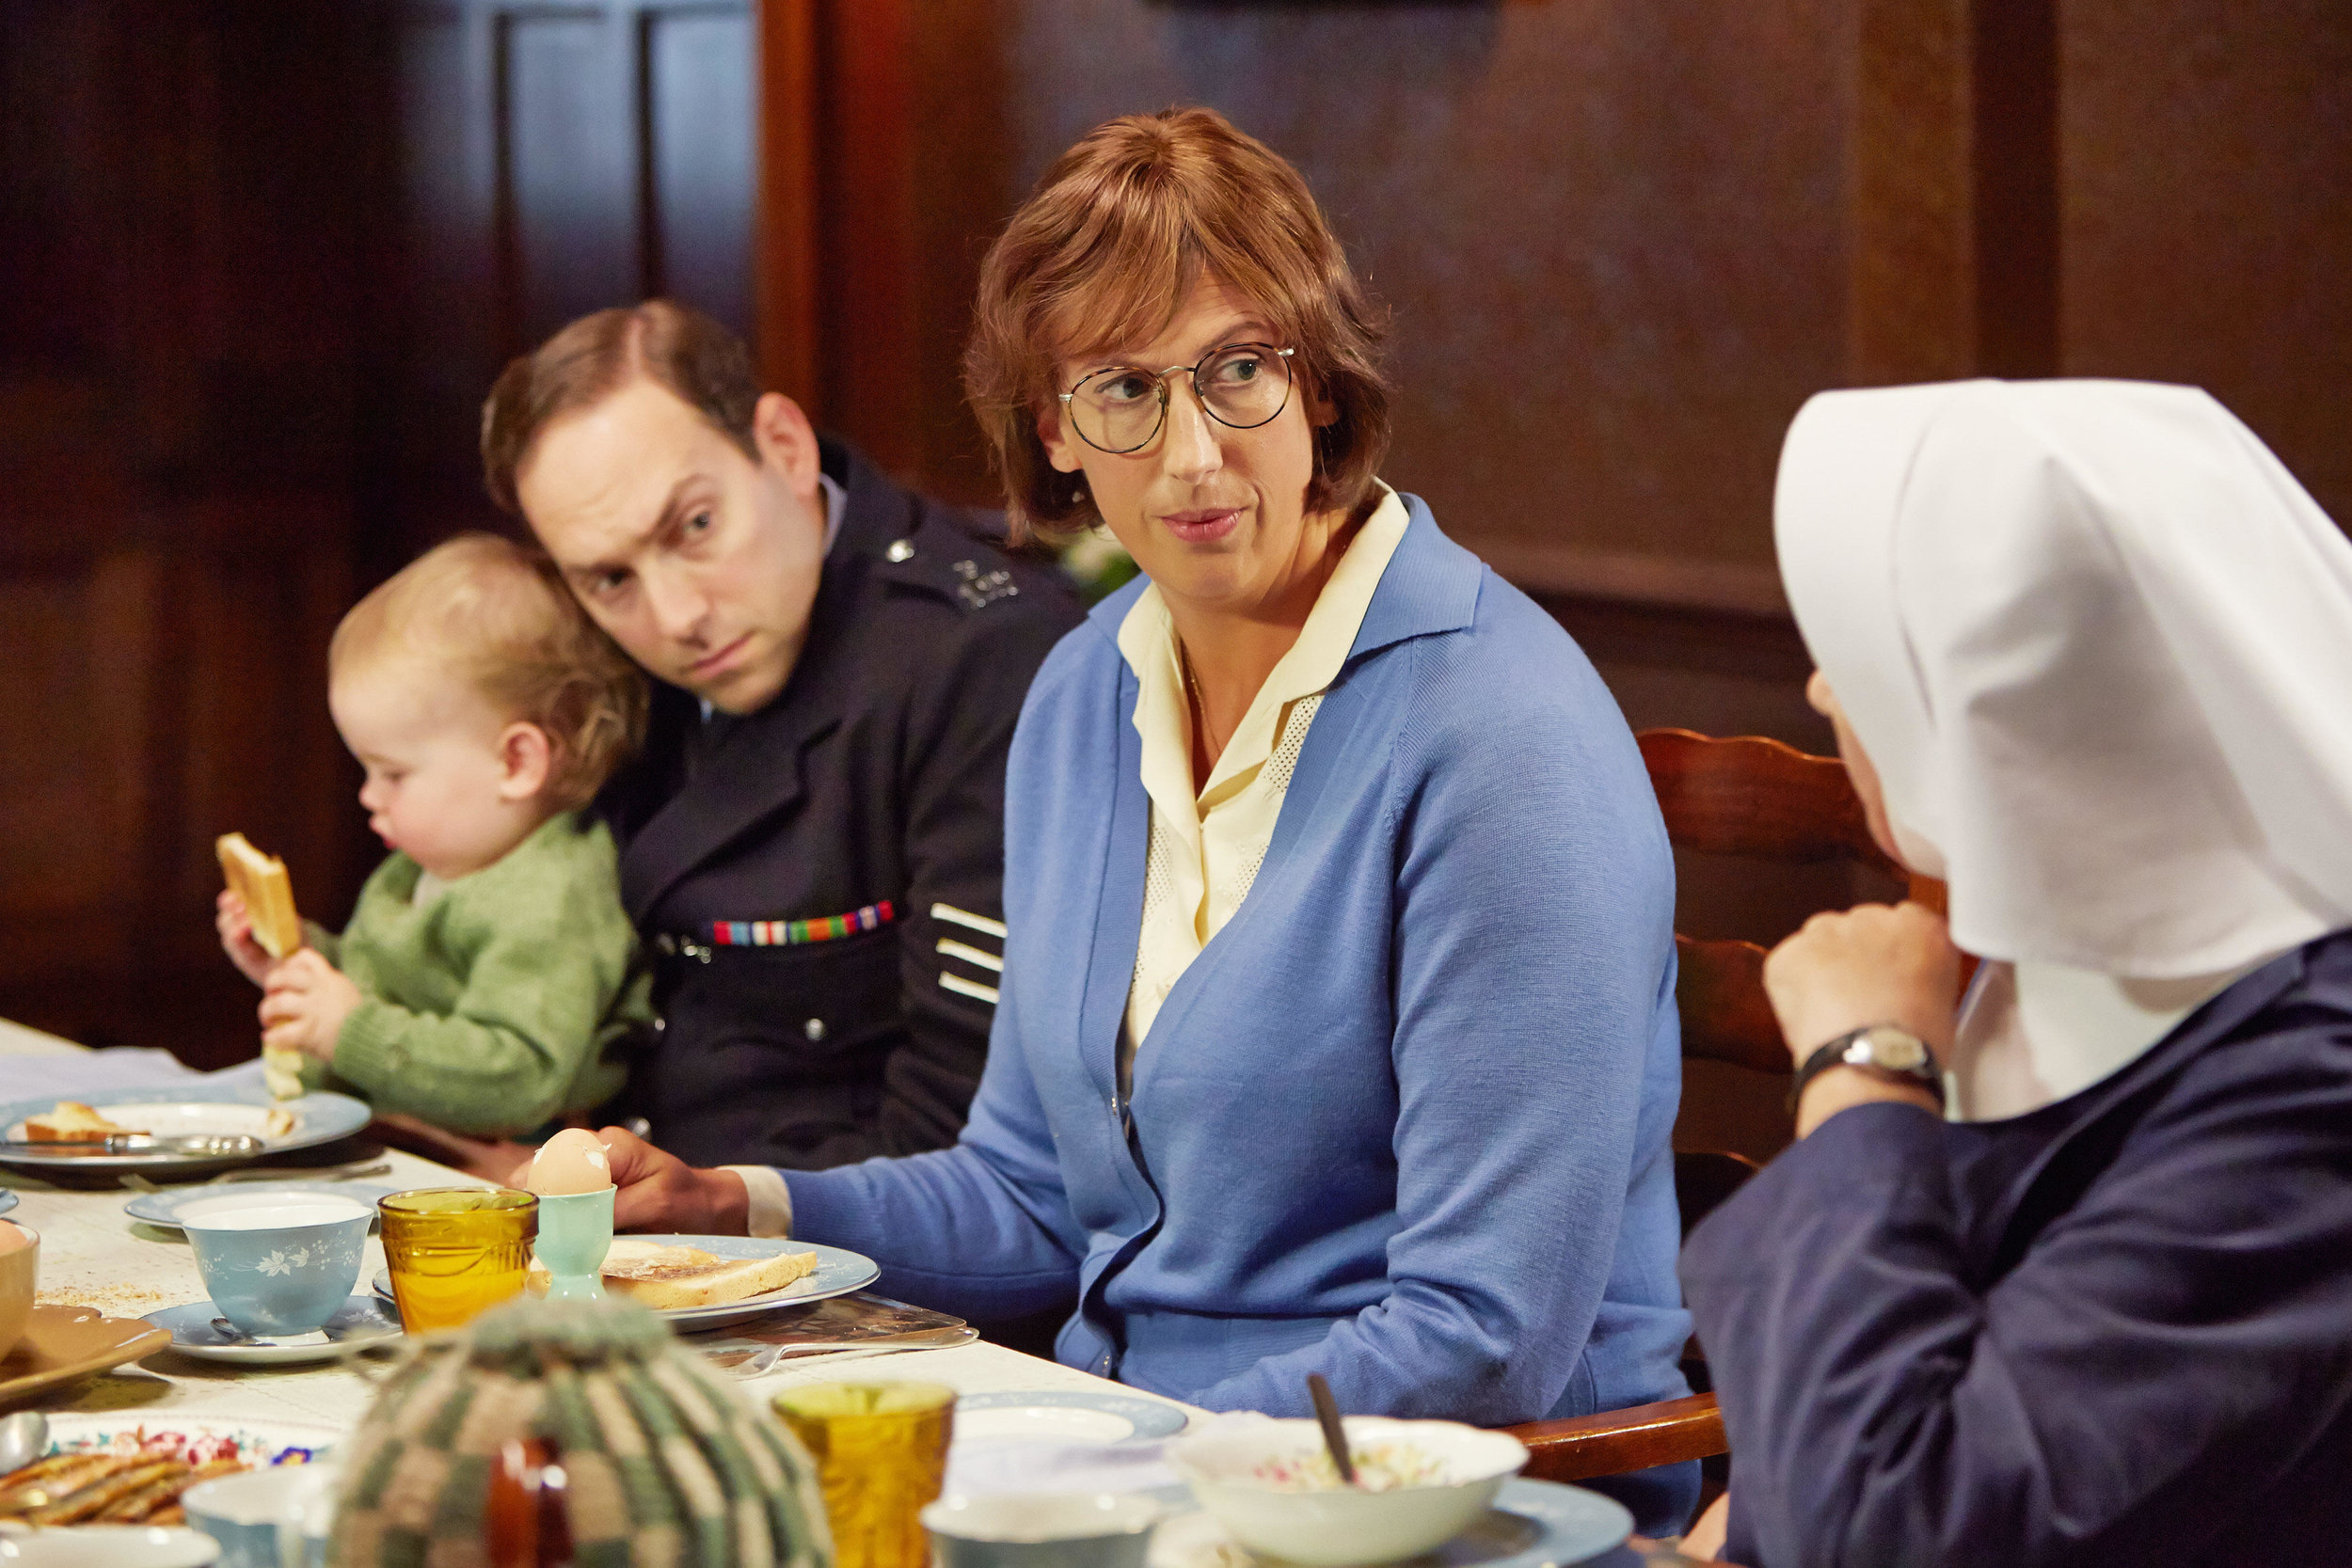 call-the-midwife-chummy.jpg